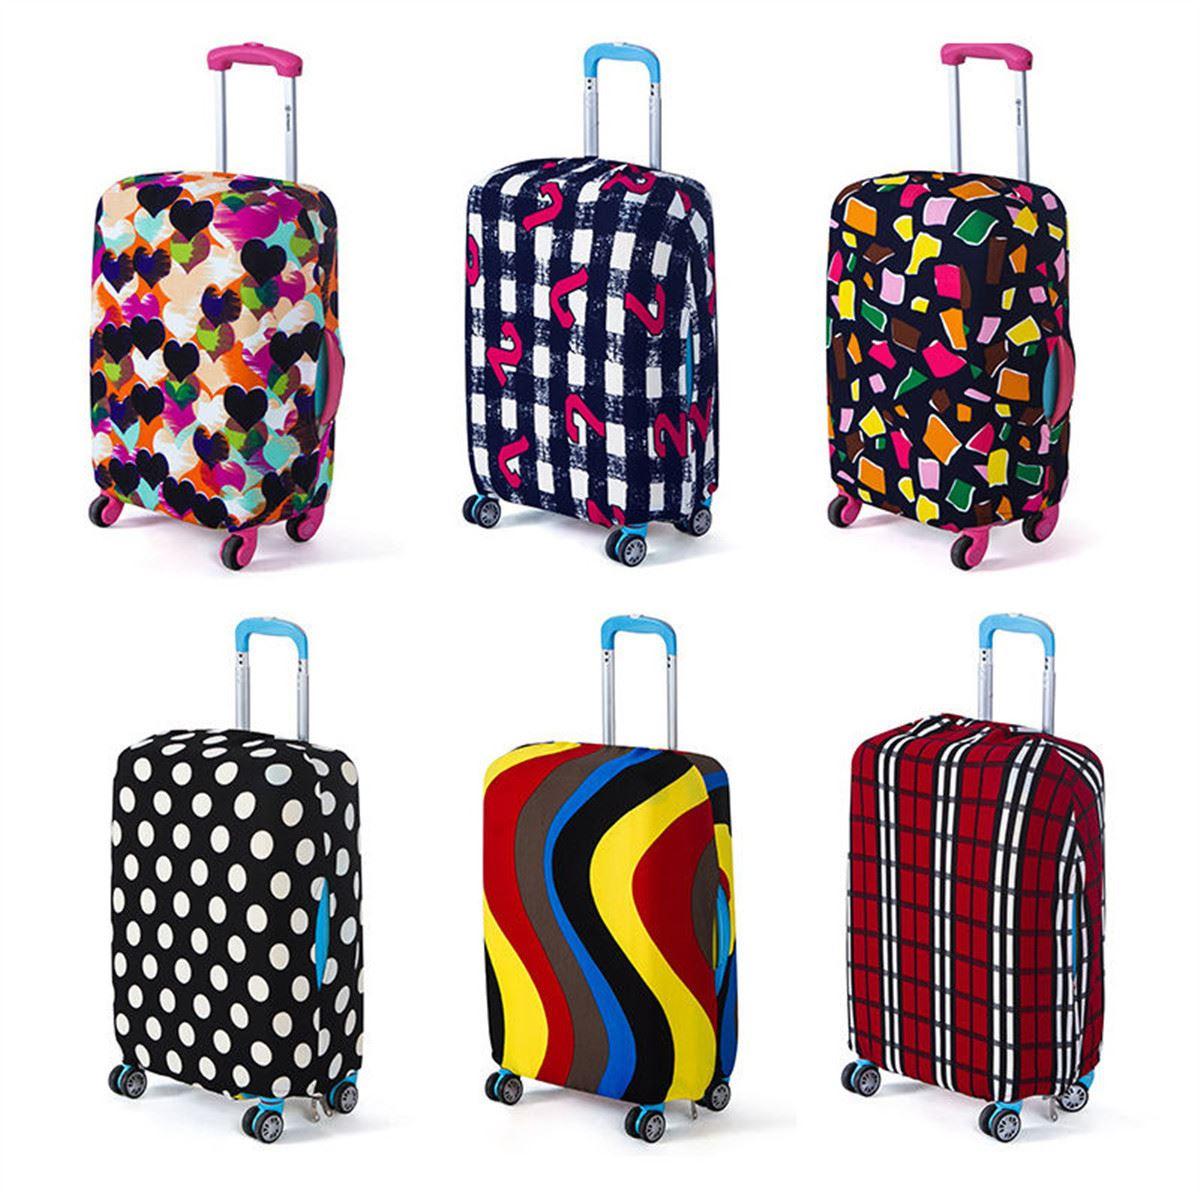 988ab2a75ded Путешествия чемодан пылезащитный чехол для путешествий чемодан крышка  защитный чехол для чемодана тележка чехол для 18 до 20 дюймов сумка ак.